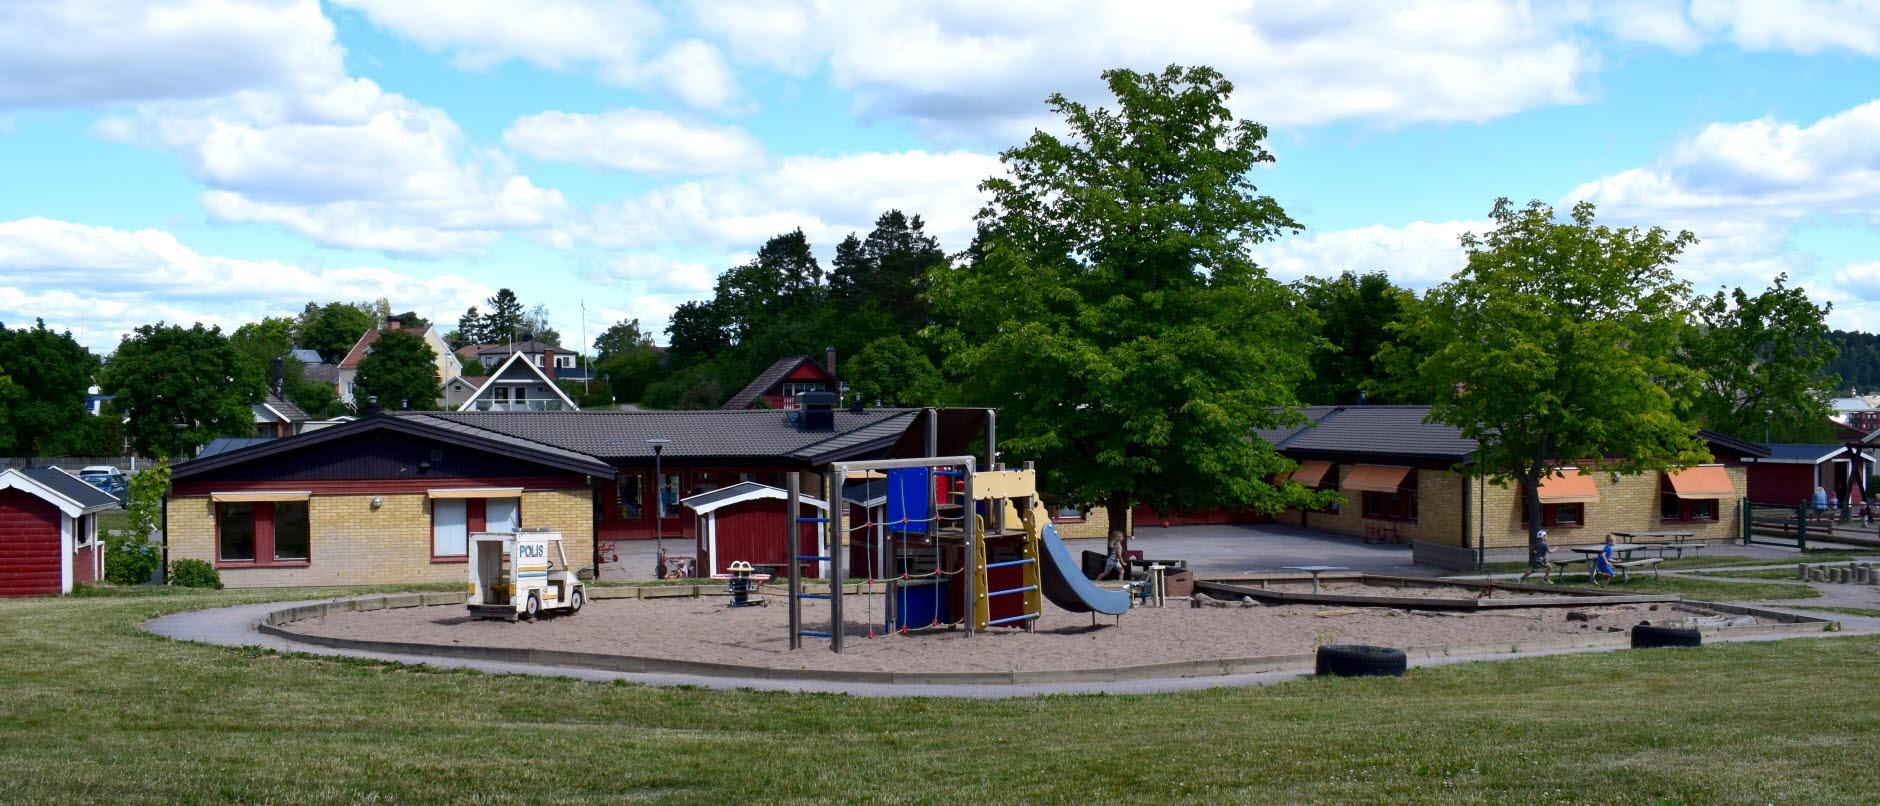 norrtull tandvård söderköping